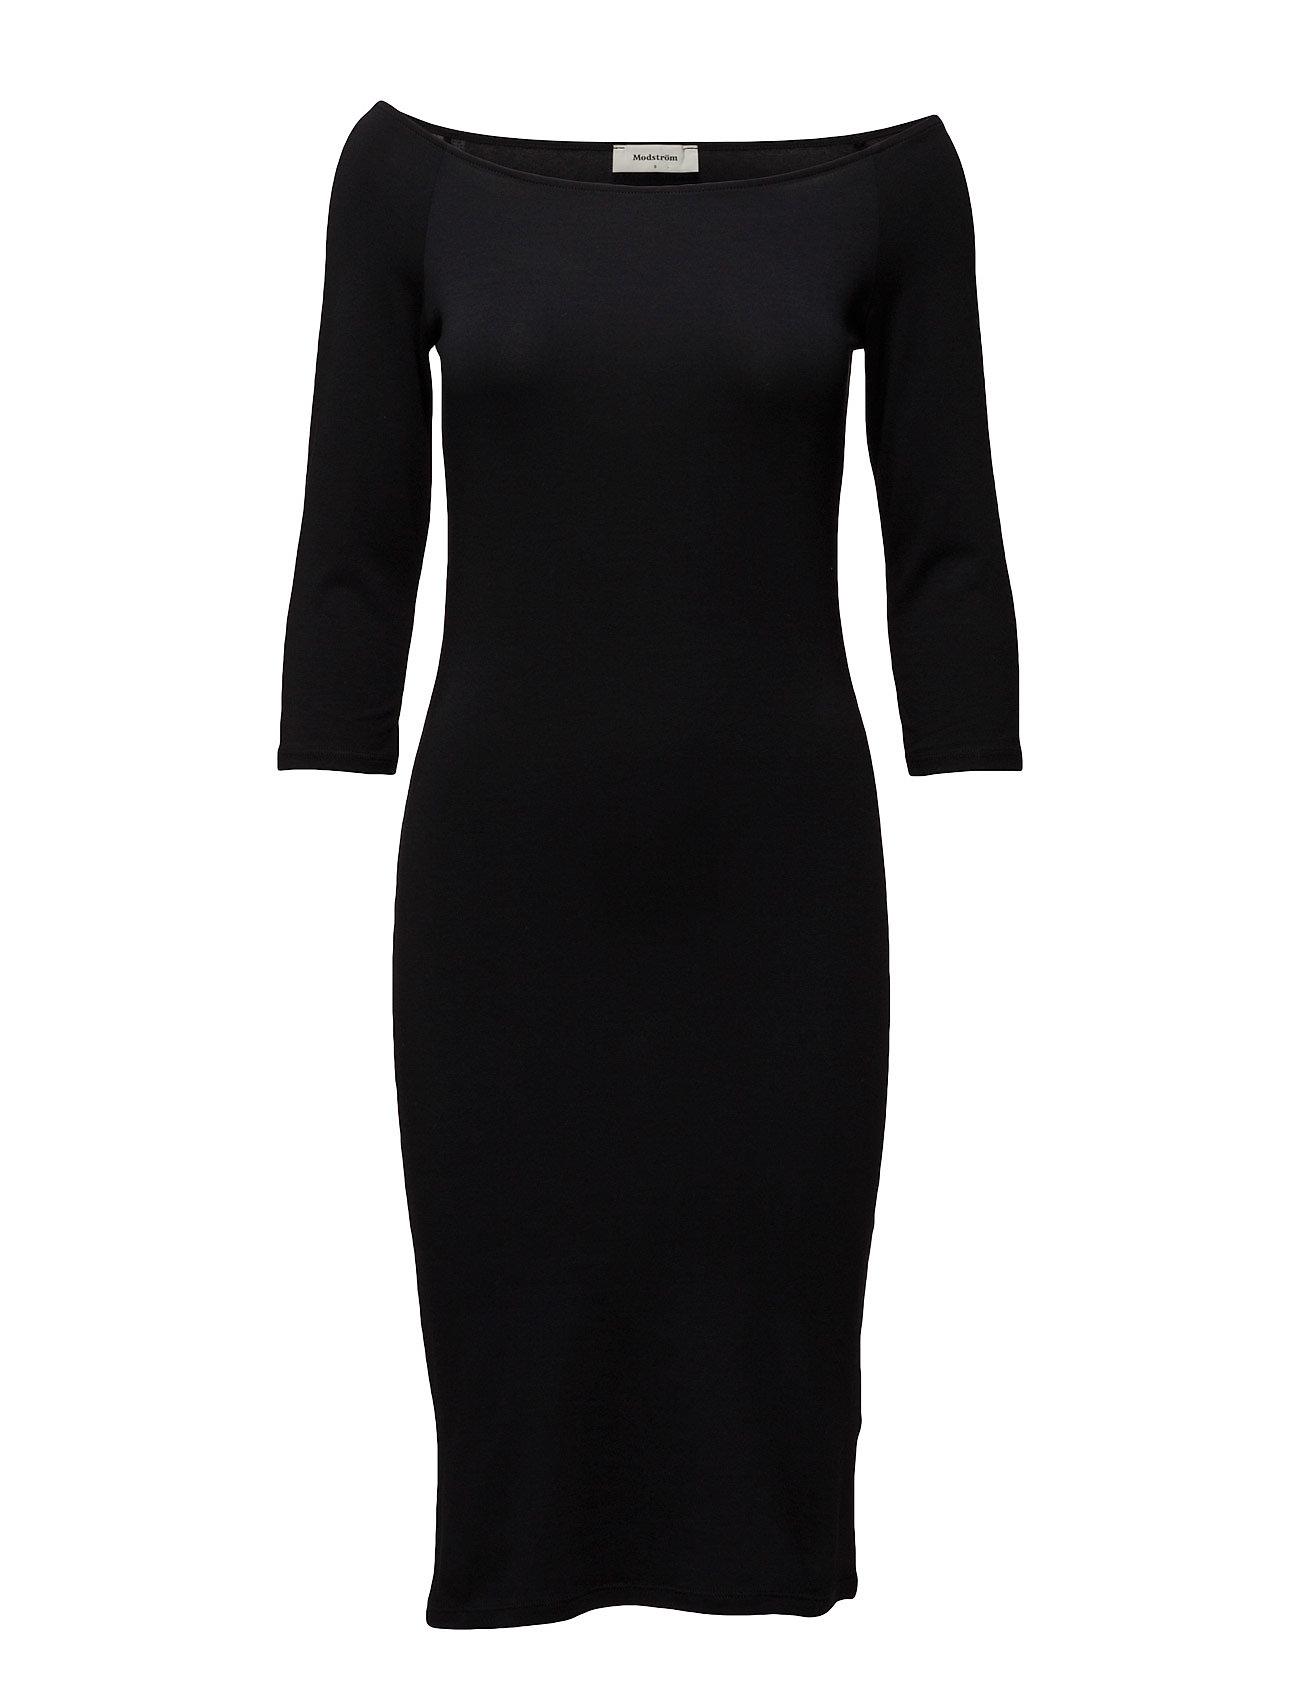 Tansy Dress Modstrˆm Knælange & mellemlange til Damer i Sort